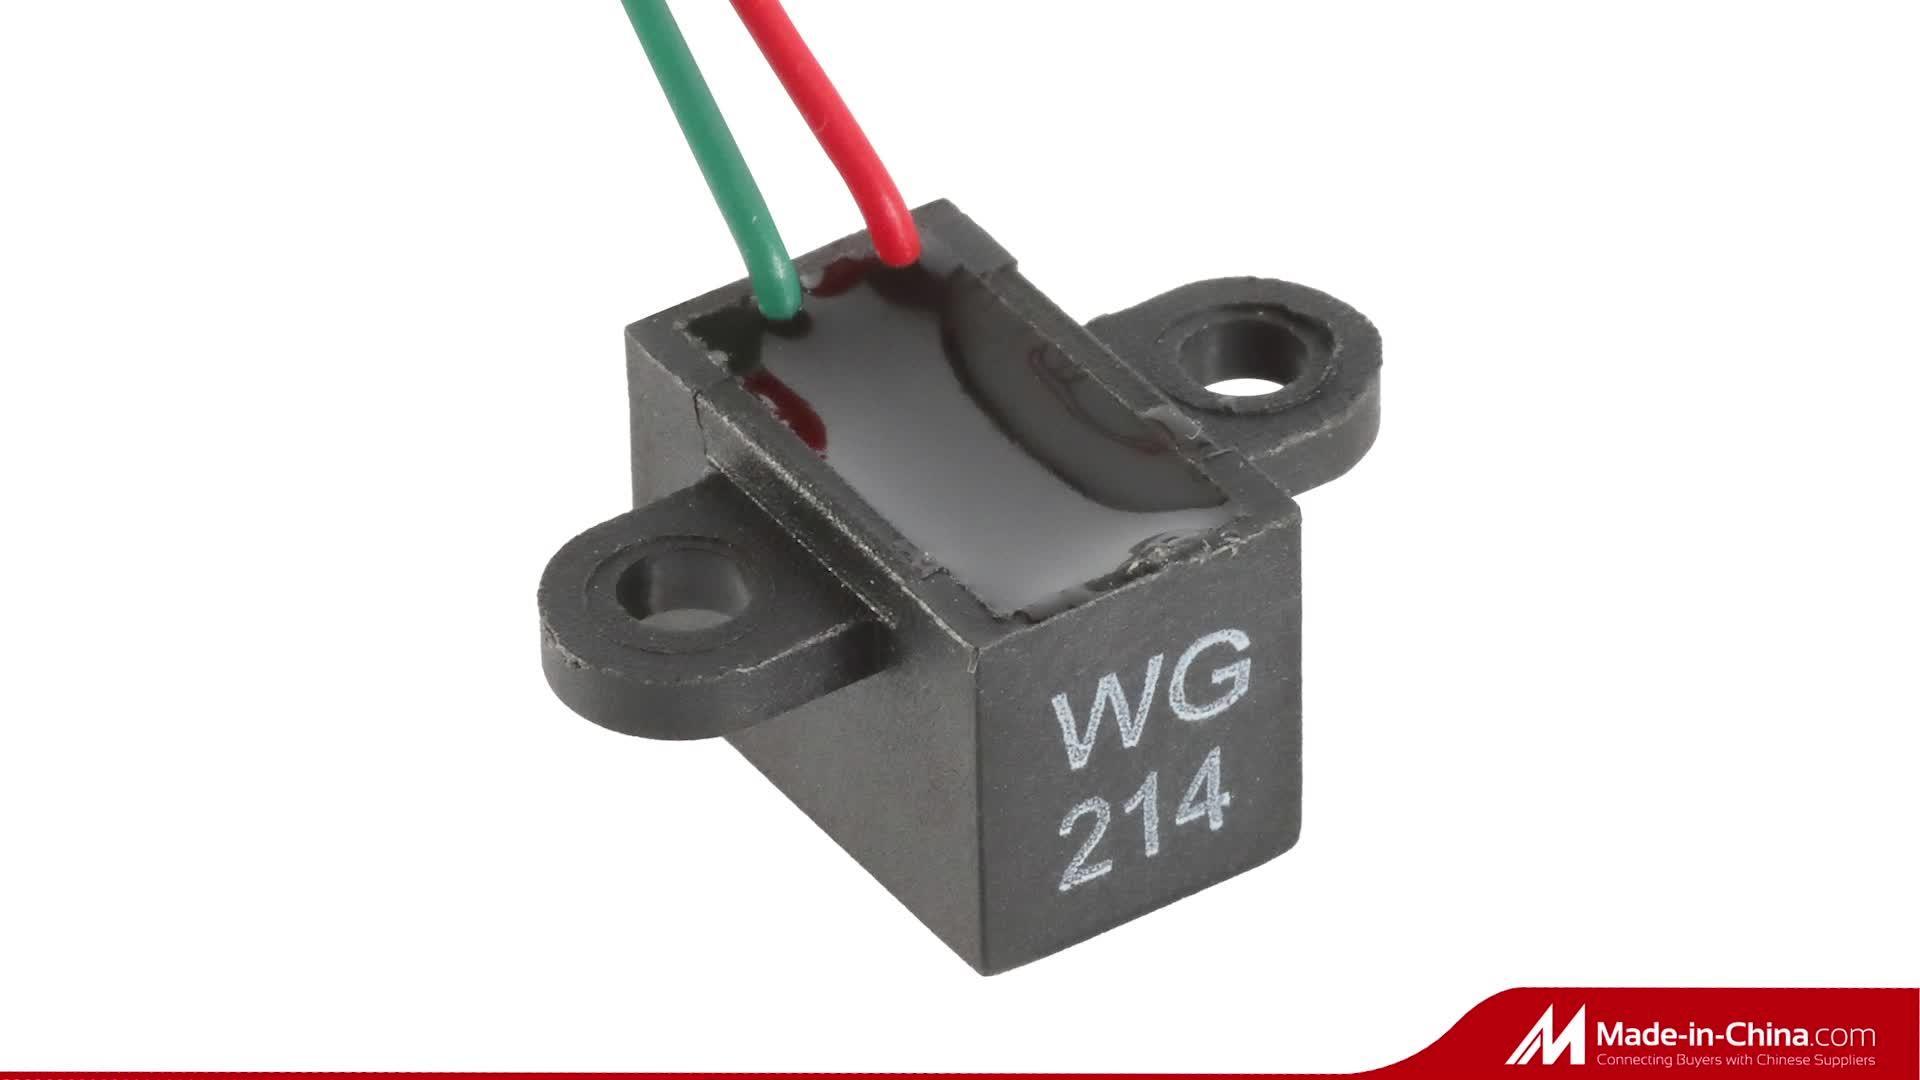 물 측정기 센서, 가스 측정기, 무선 효과 센서, 제로 전원 자기 센서(WG112)